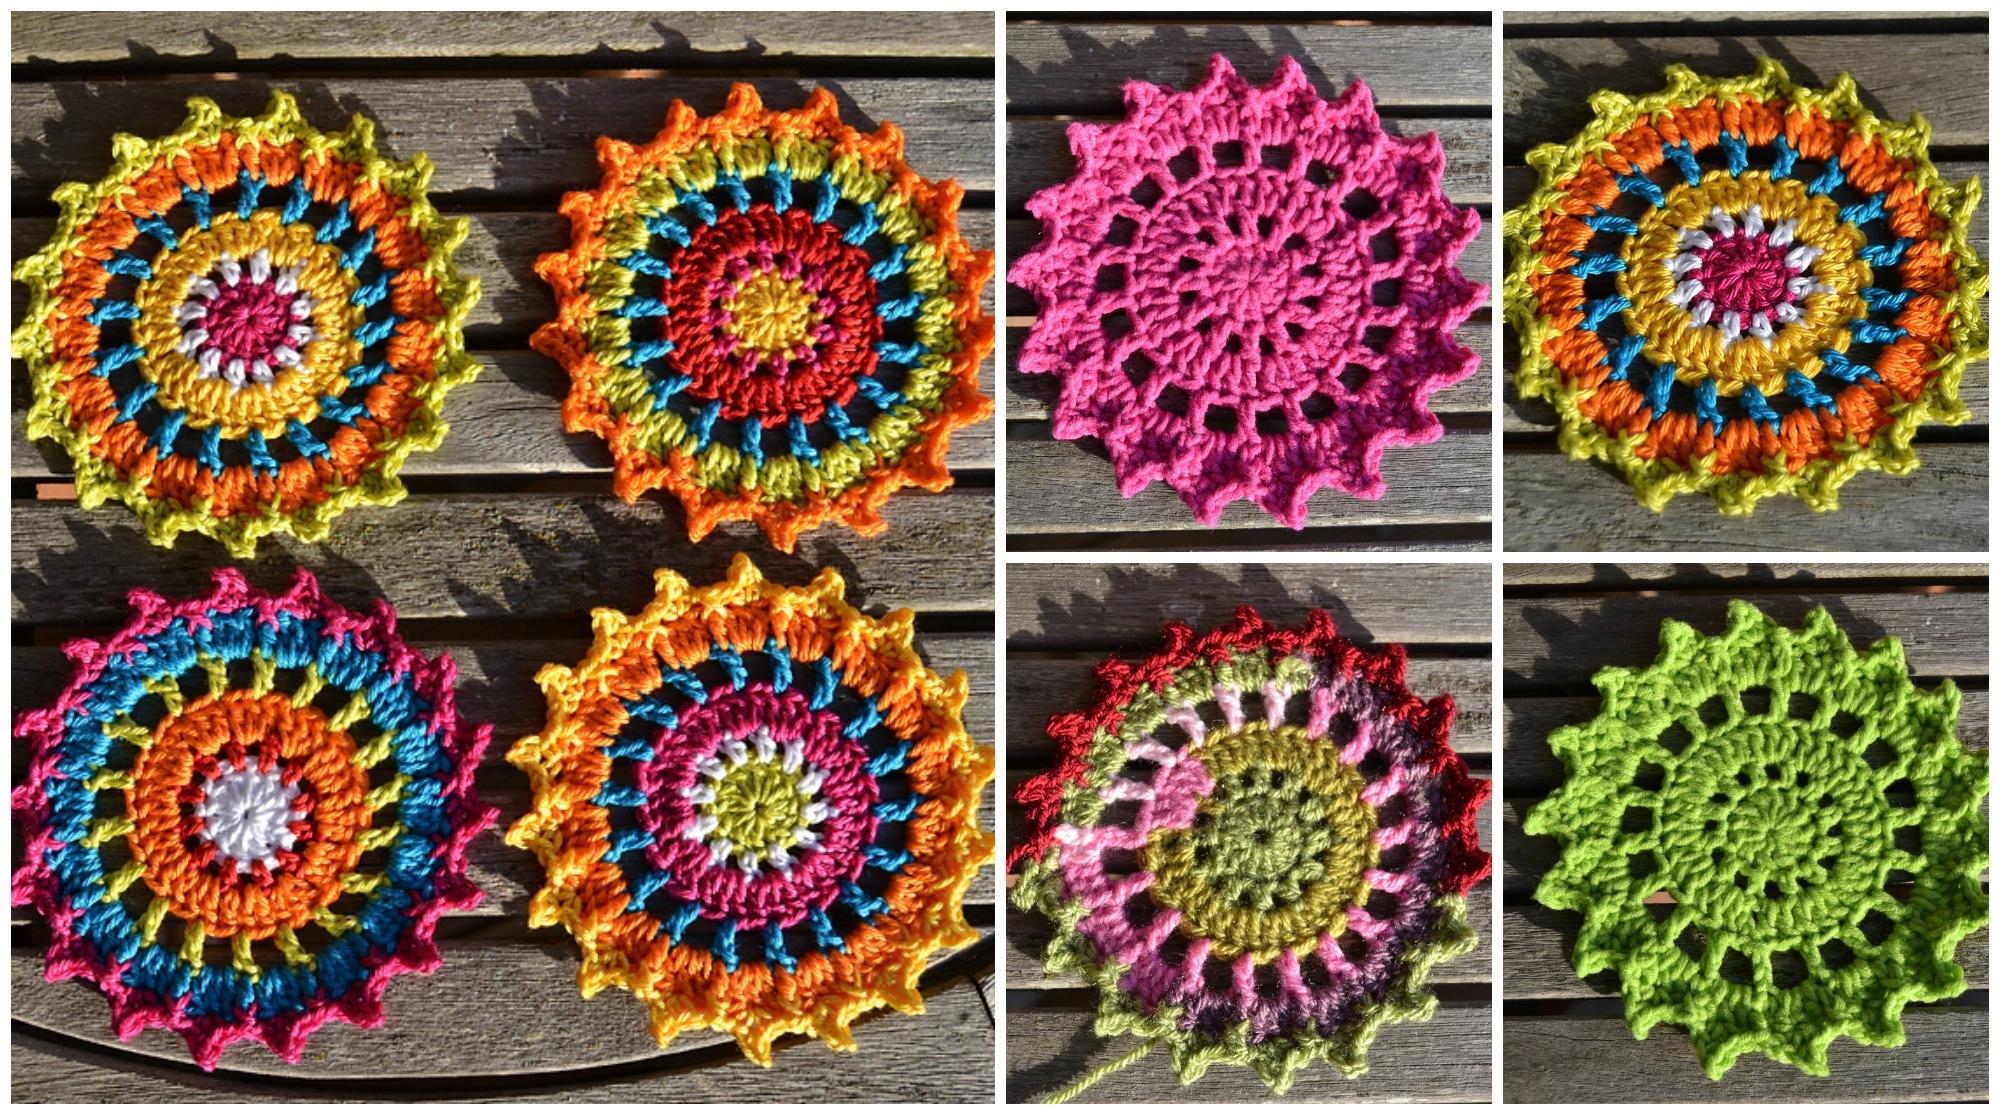 Crochet Pretty Coasters